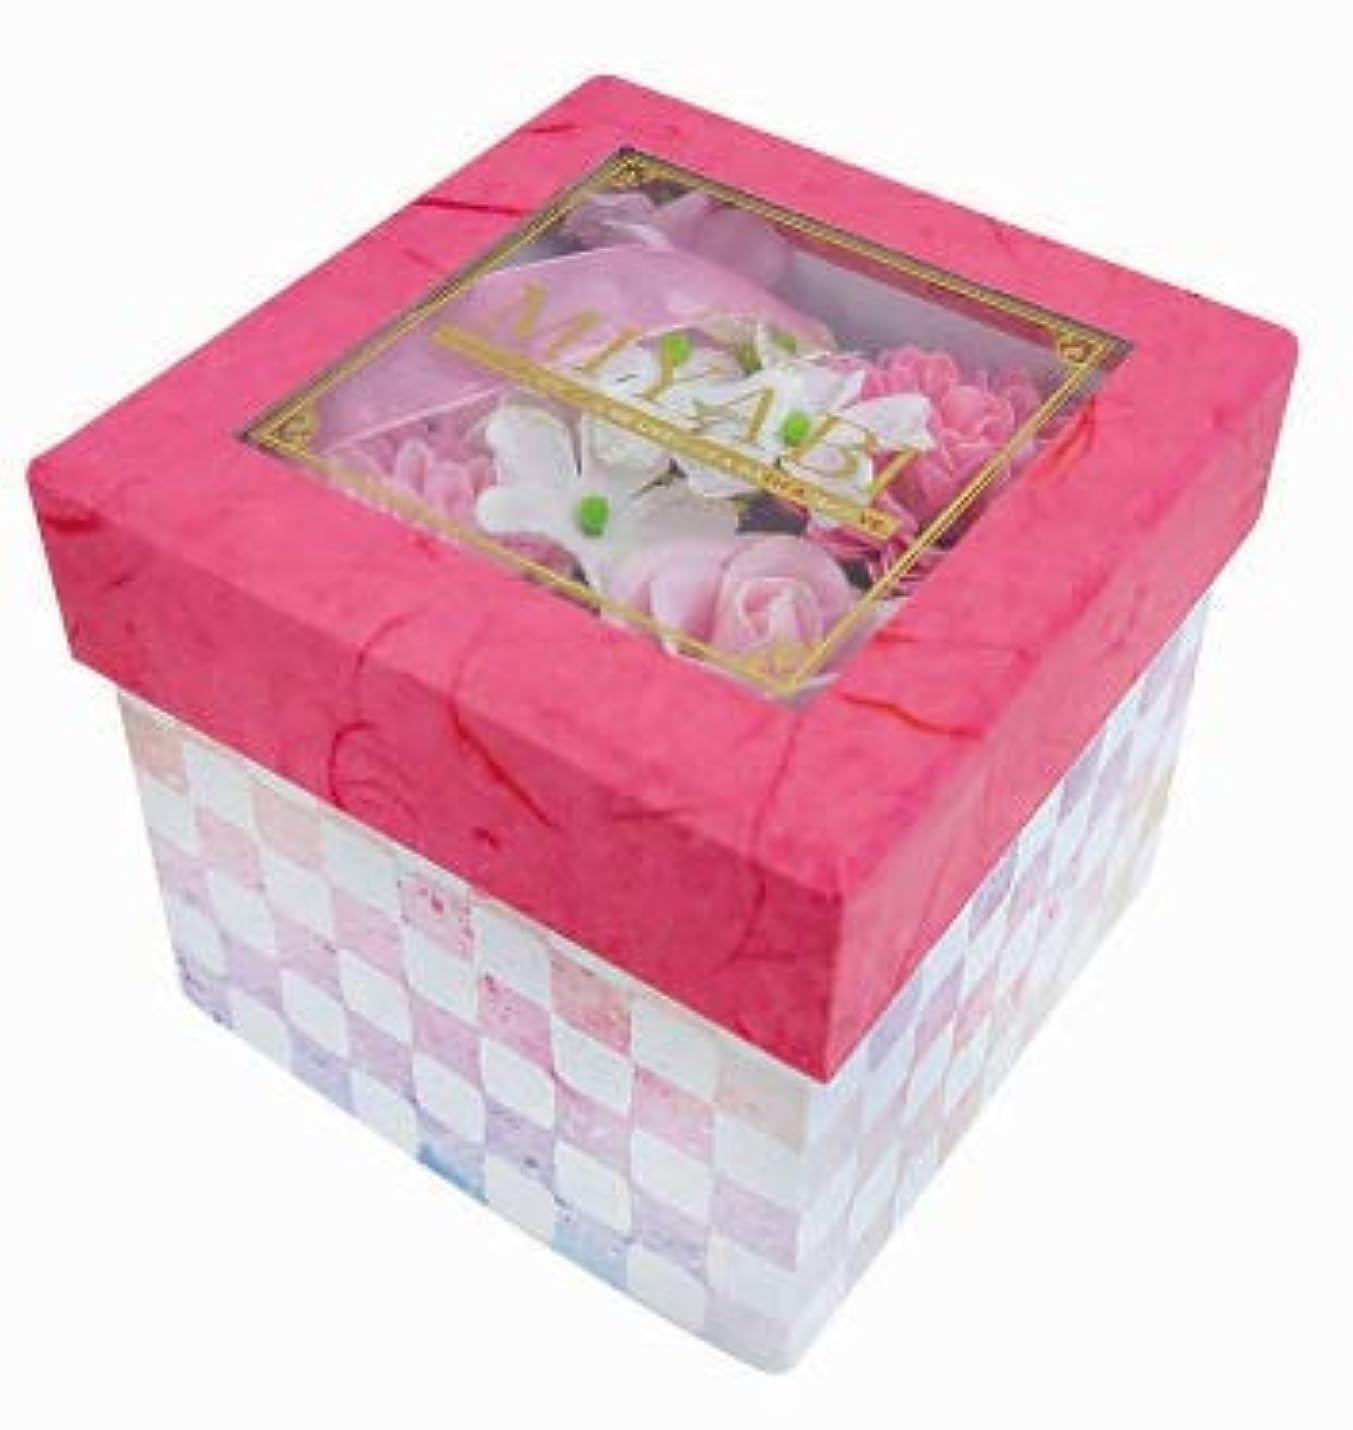 ドロップ水差し社交的花のカタチの入浴剤 和バスフレBOX-MIYABI-M恋 775581